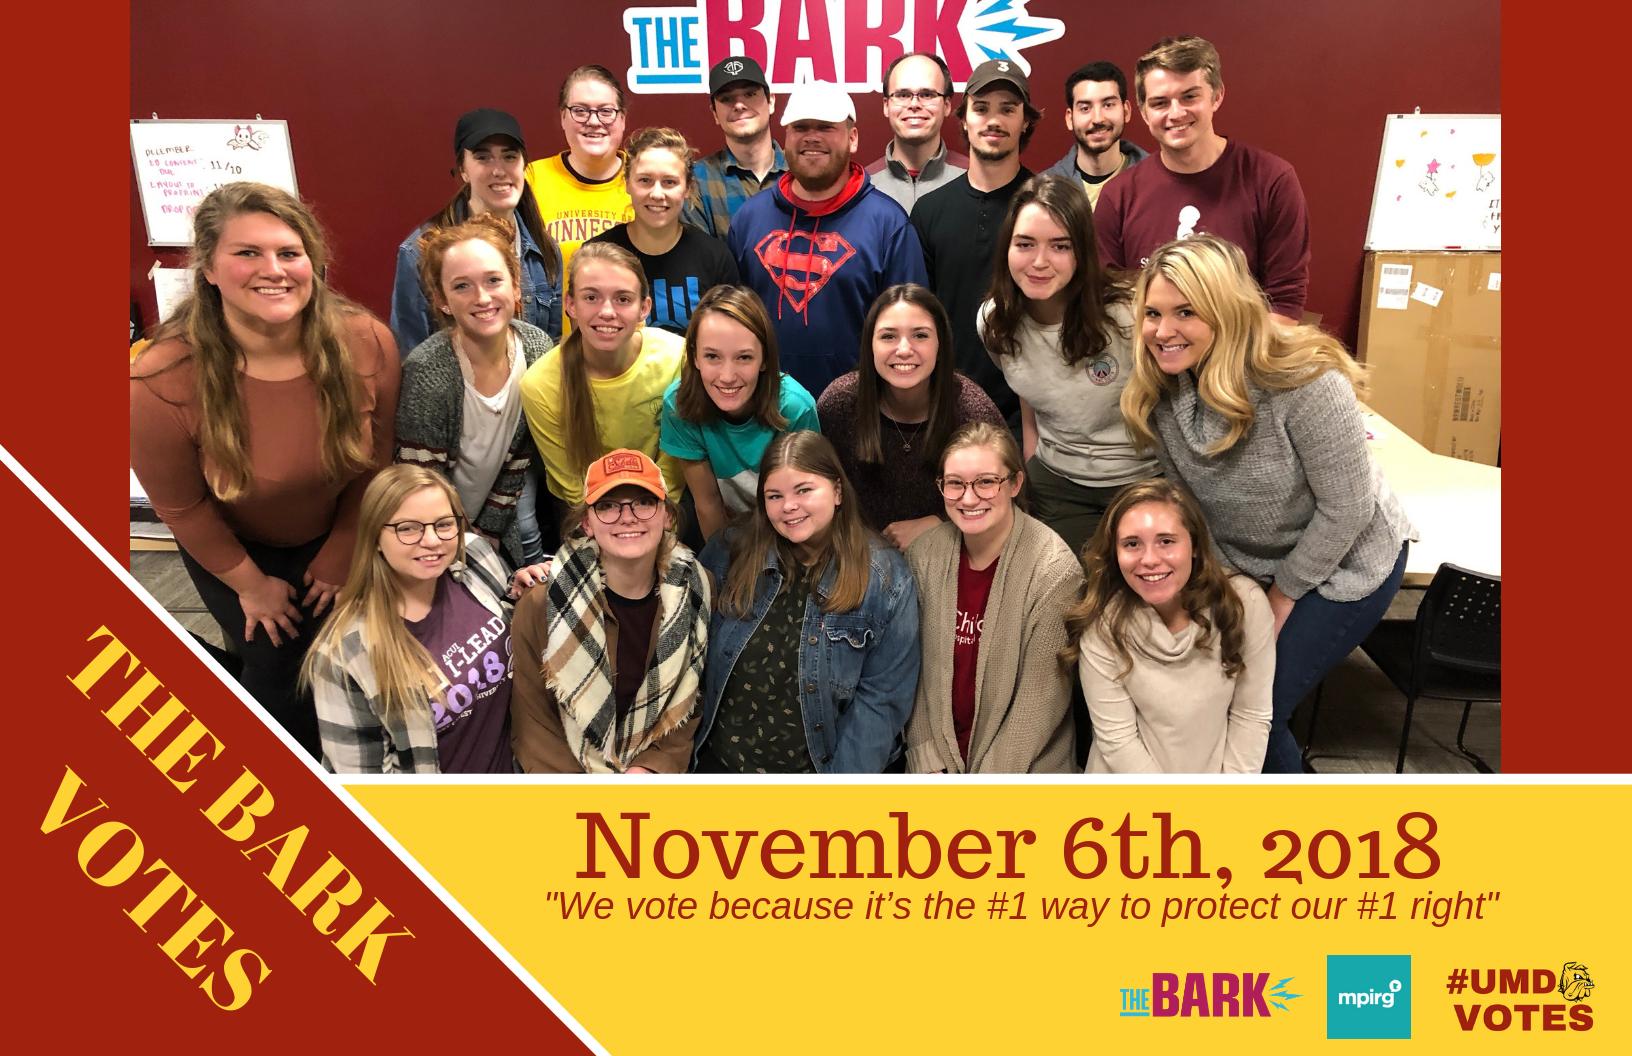 The Bark GOTV